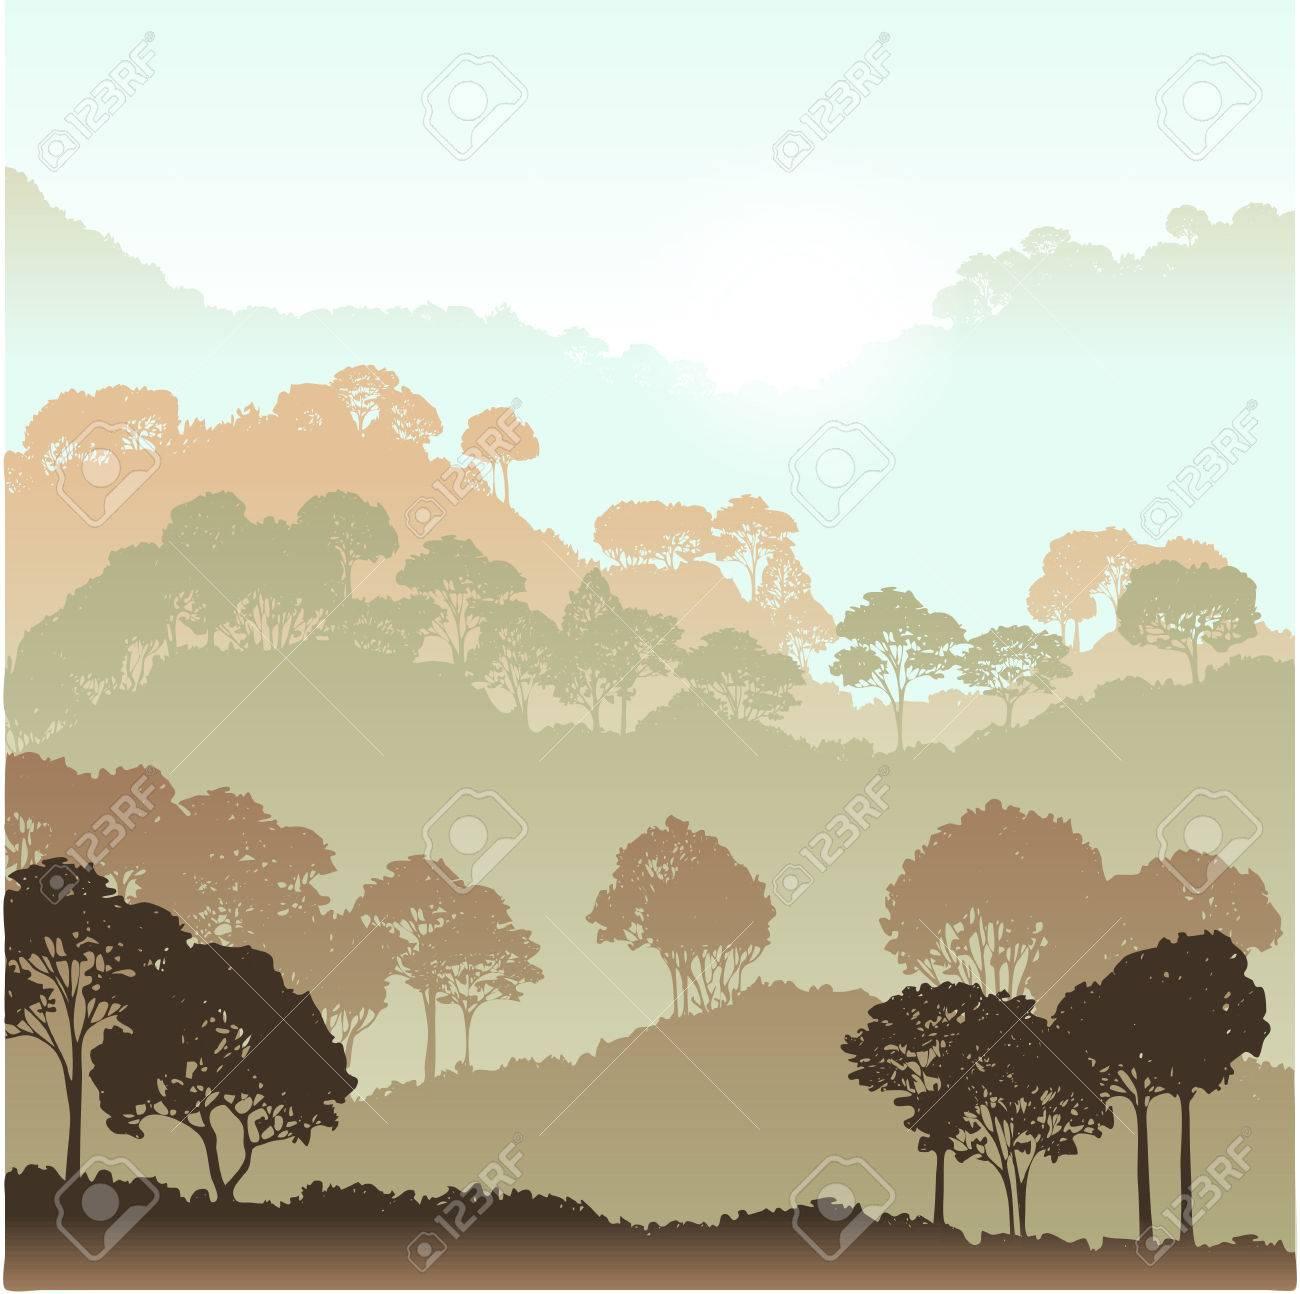 森の背景の木のある風景、手描きの背景イラスト ロイヤリティーフリー